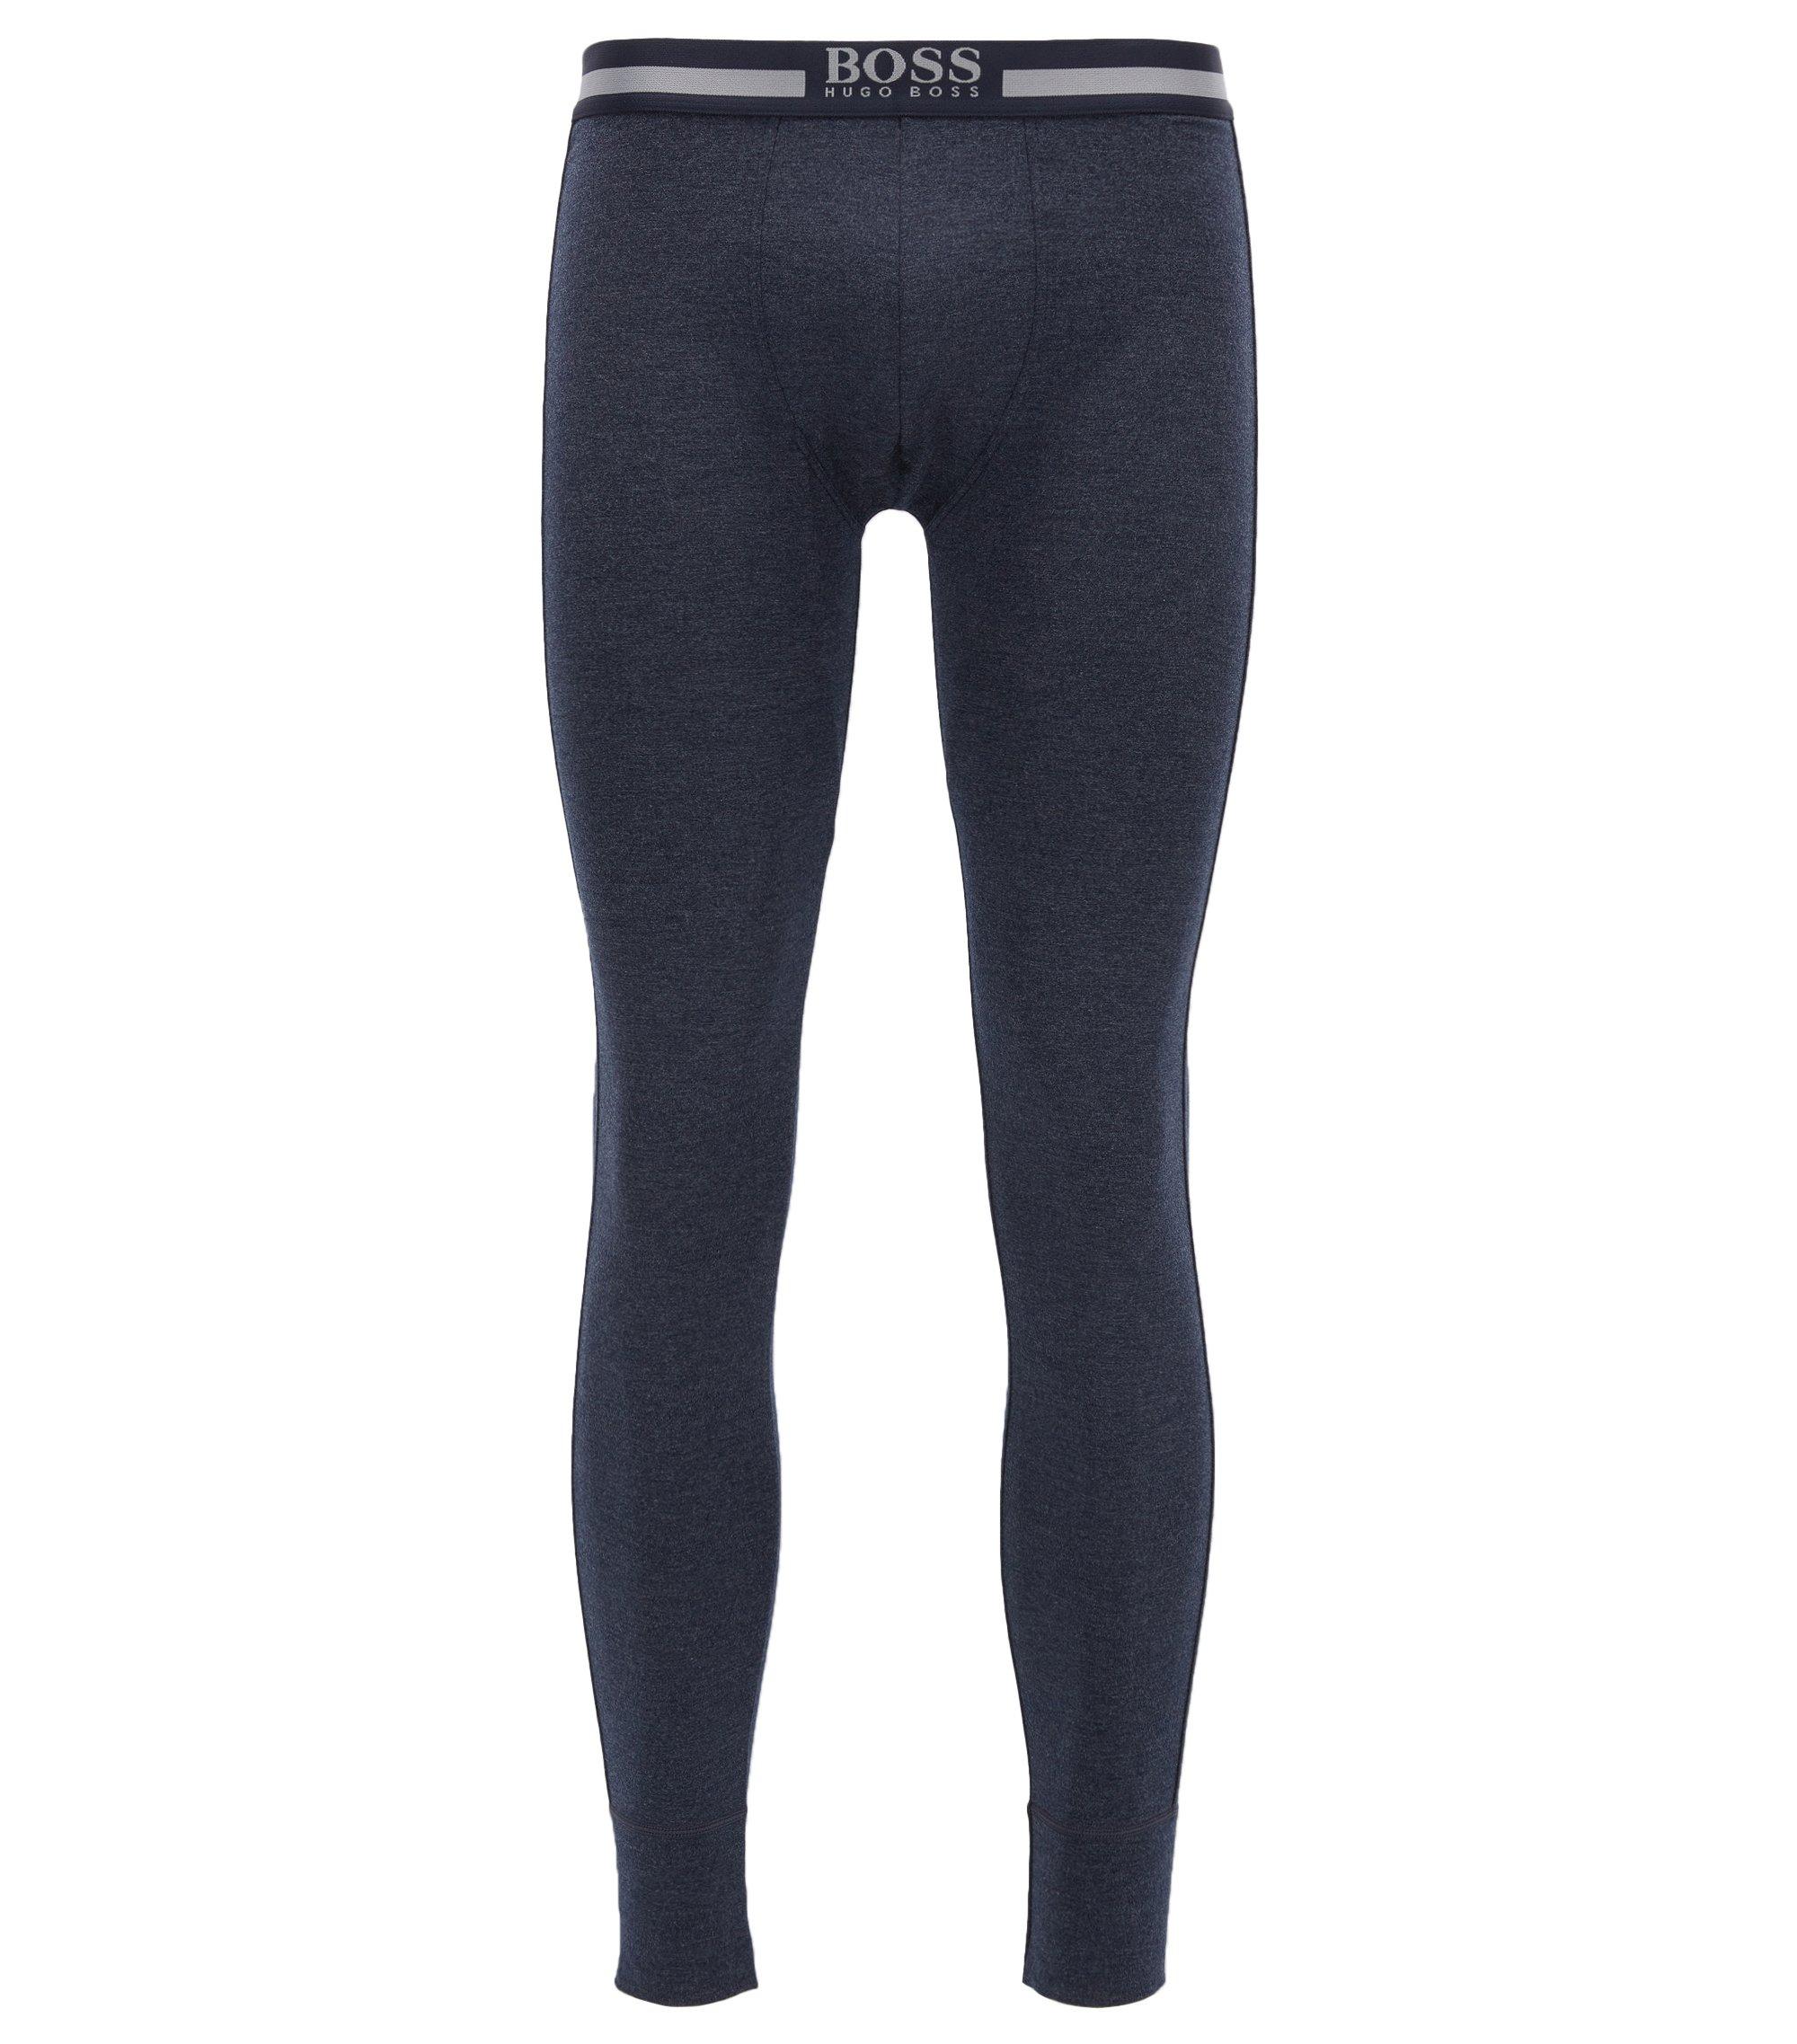 Calzoncillos largos y elásticos con tejido con retención del calor, Azul oscuro